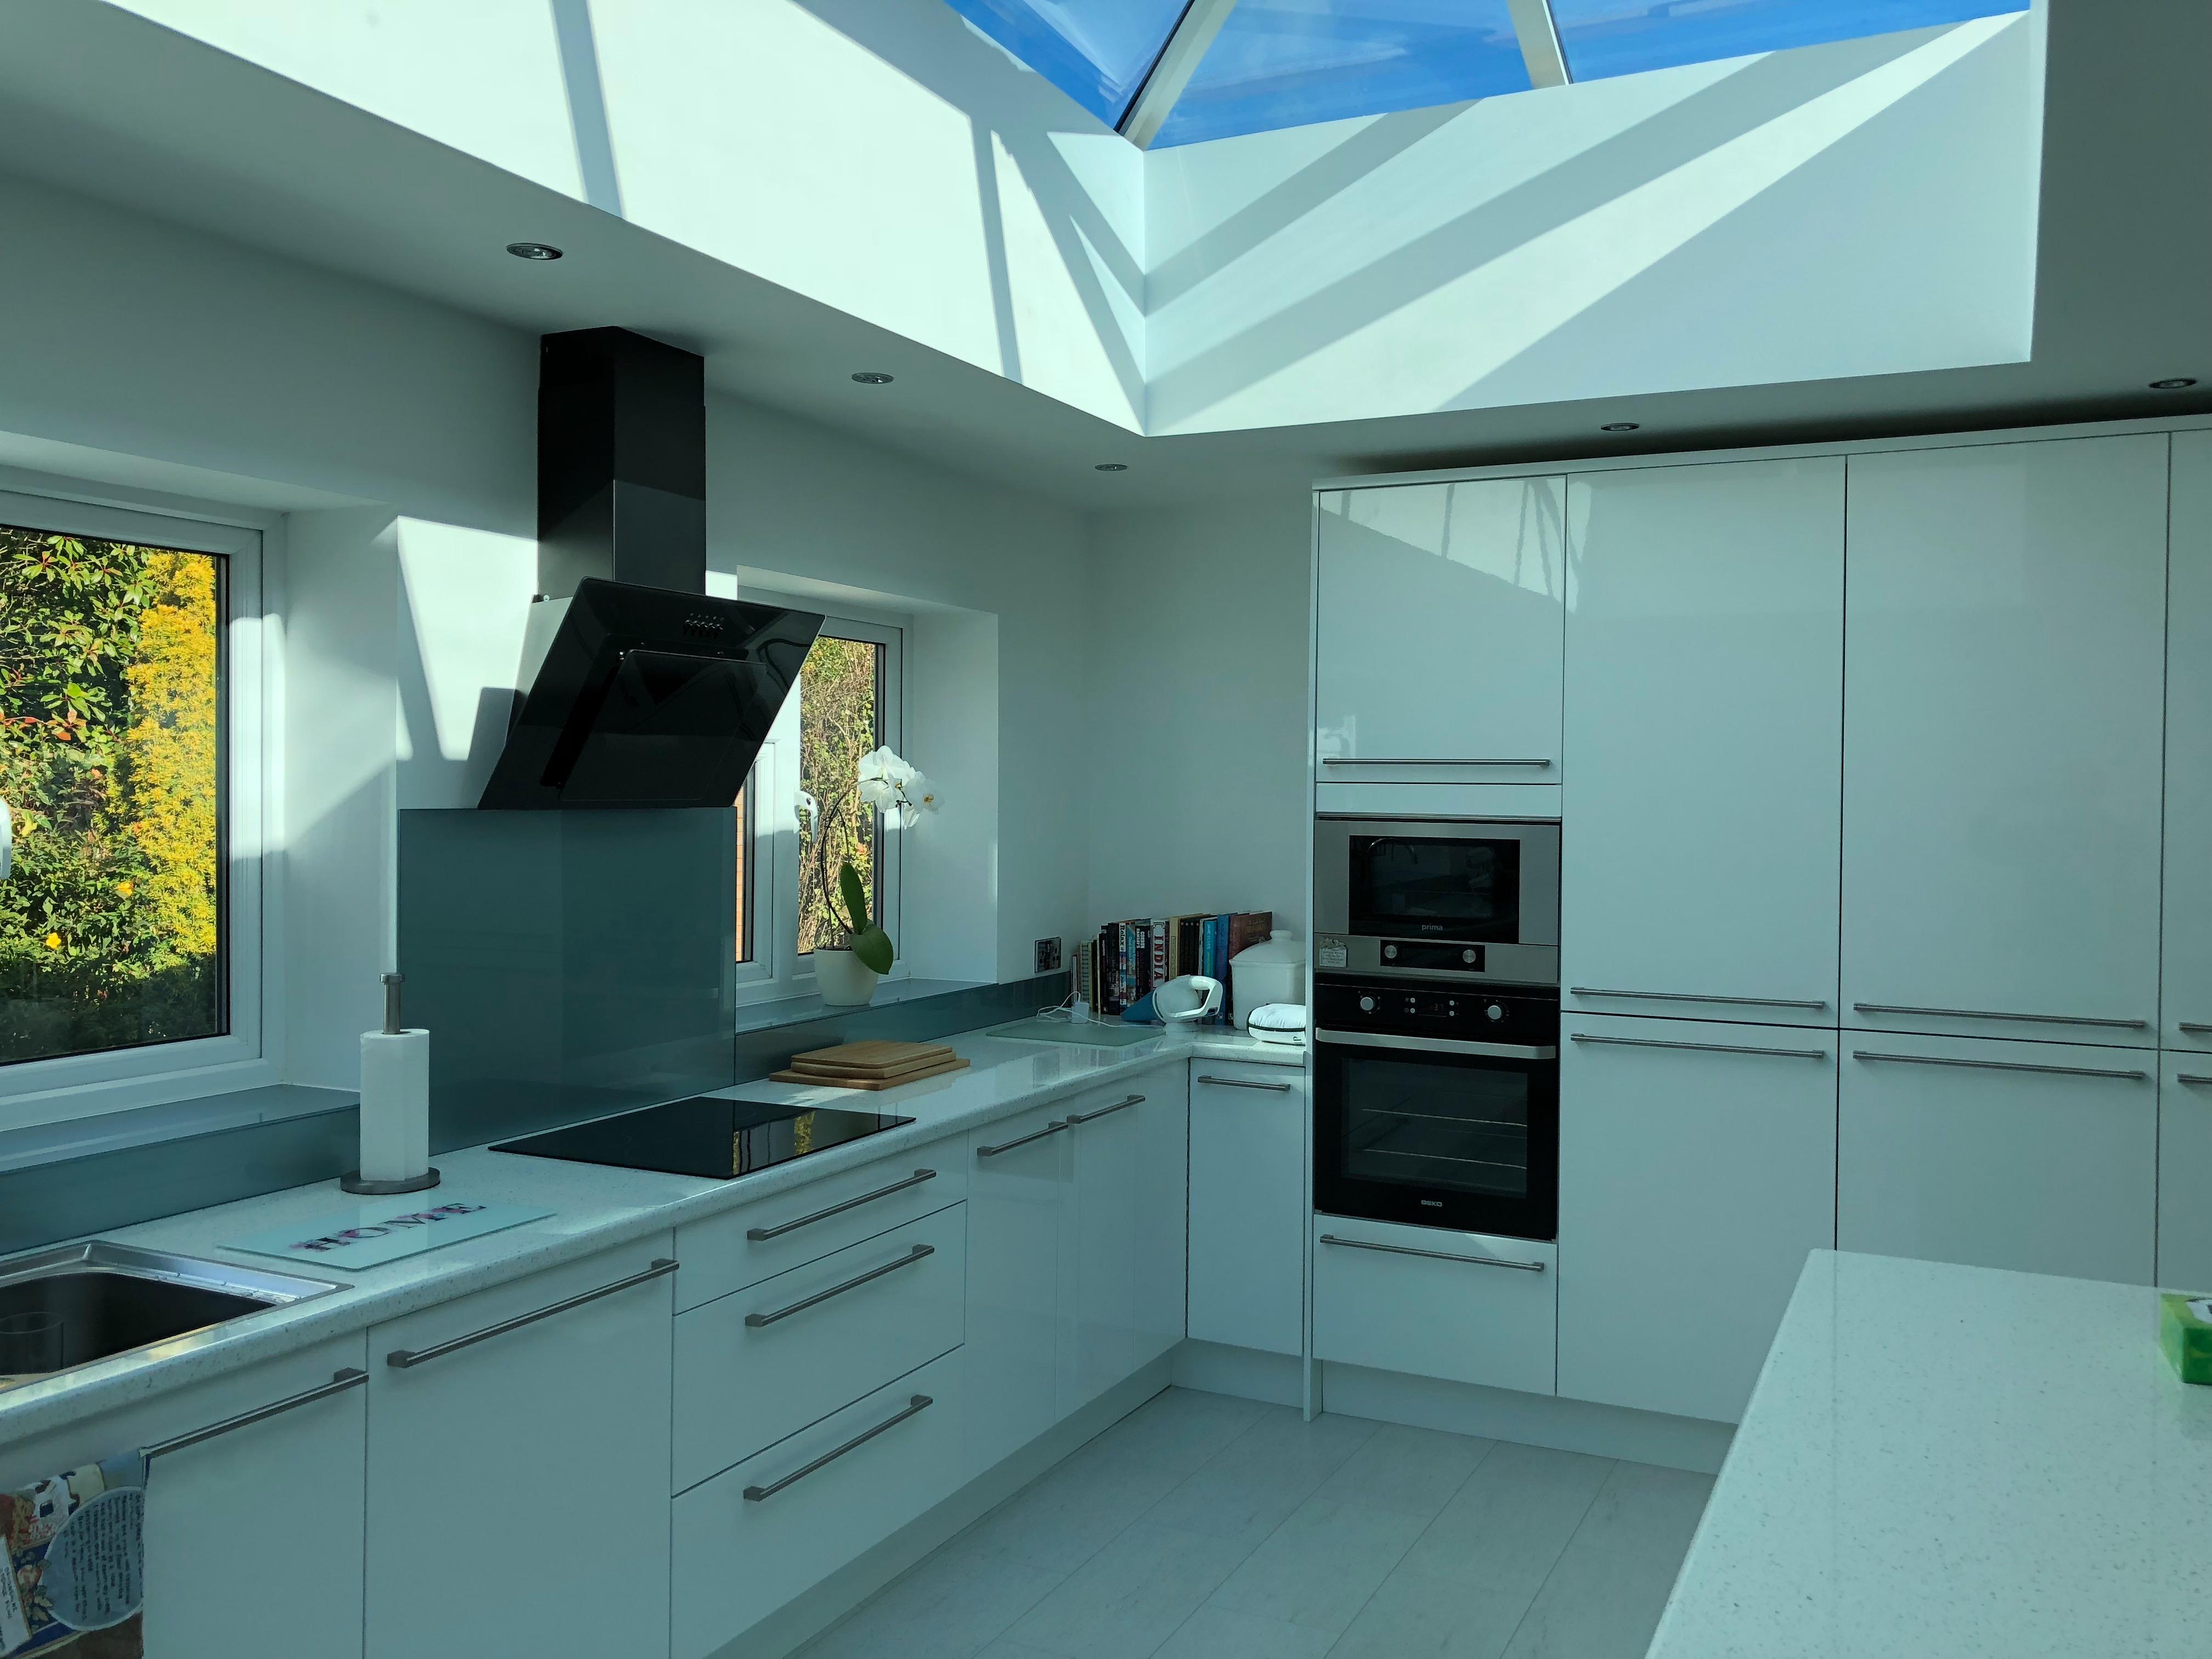 Stone Kitchen Extension